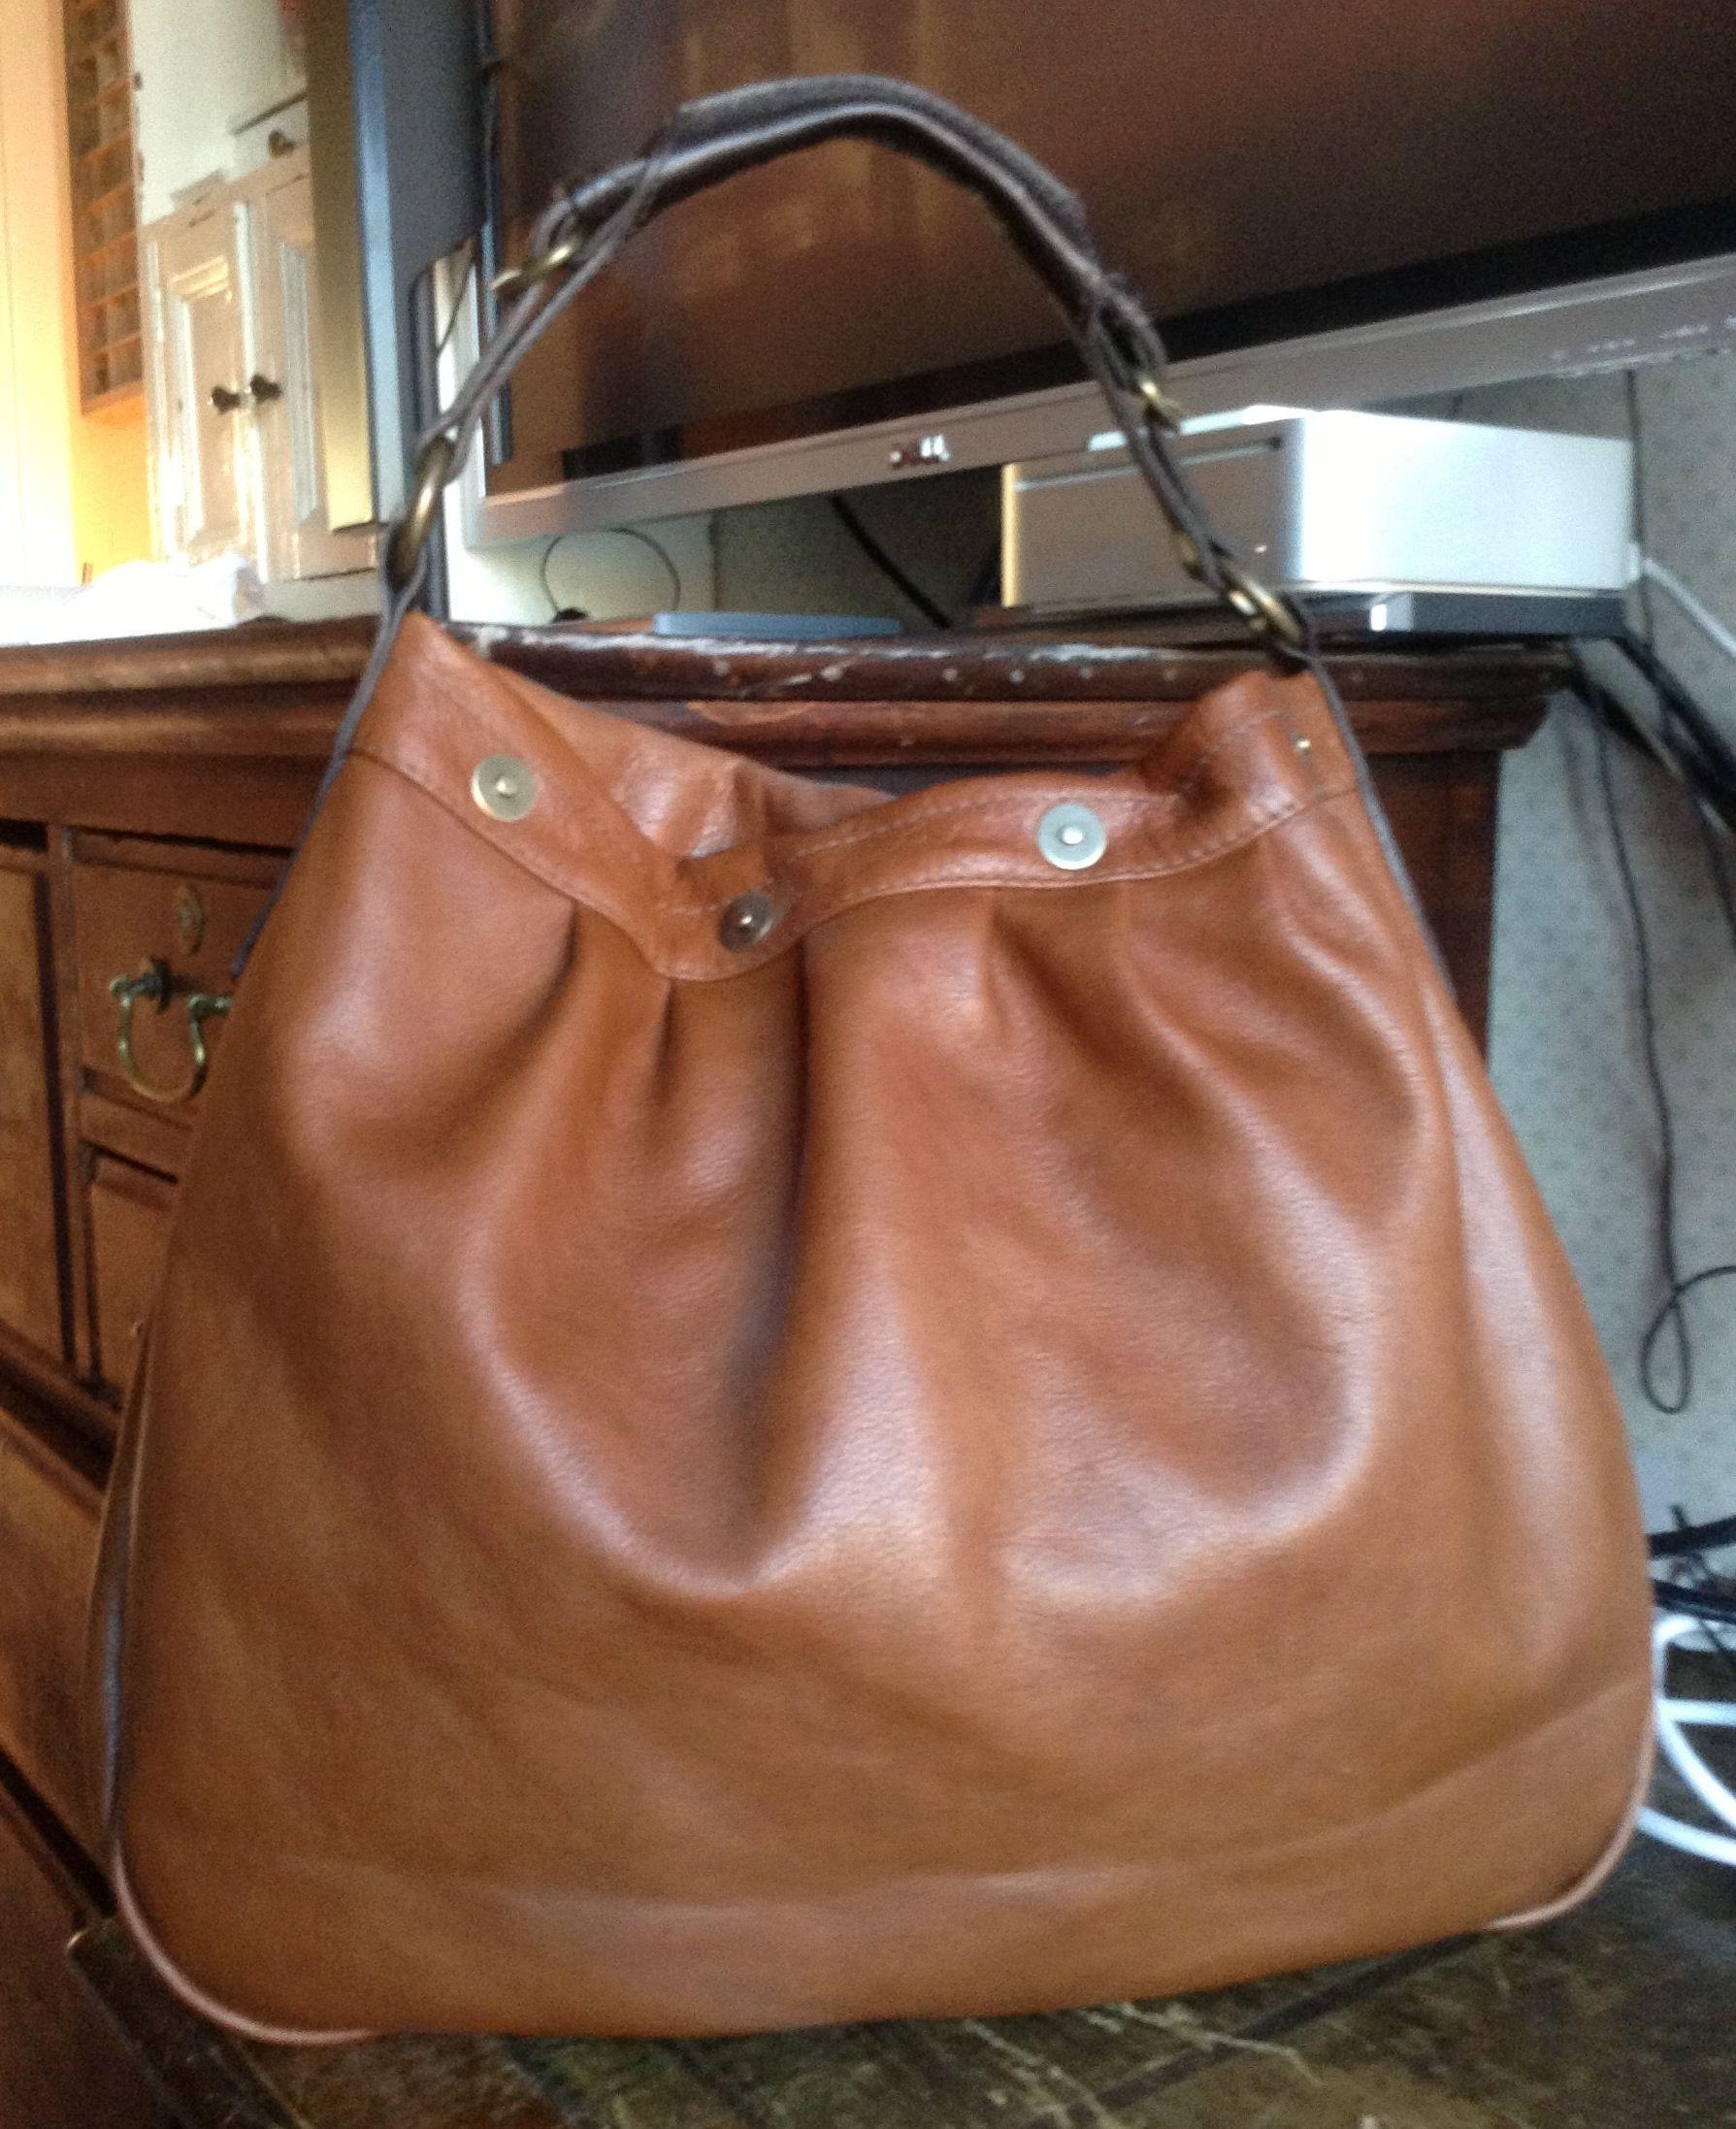 Woolworths Mitsy   Handbags   Pinterest   Handbags dd758bd19a